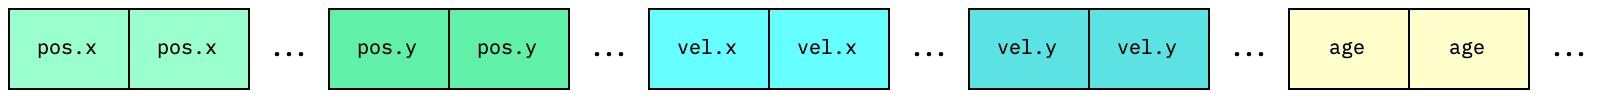 SOA memory block diagram